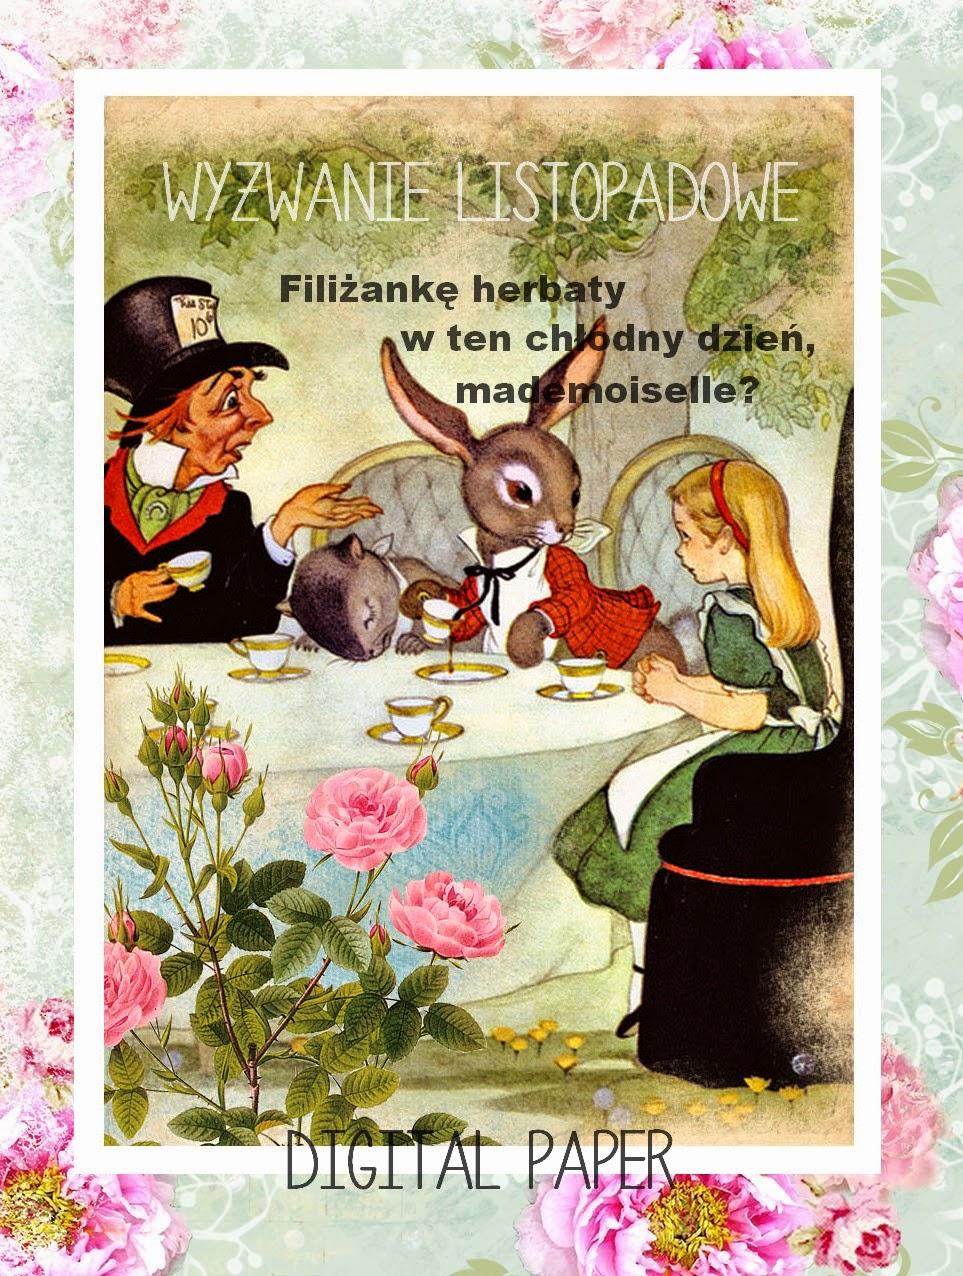 http://madebyjanet.blogspot.com/2014/11/wyzwanie-listopadowe.html